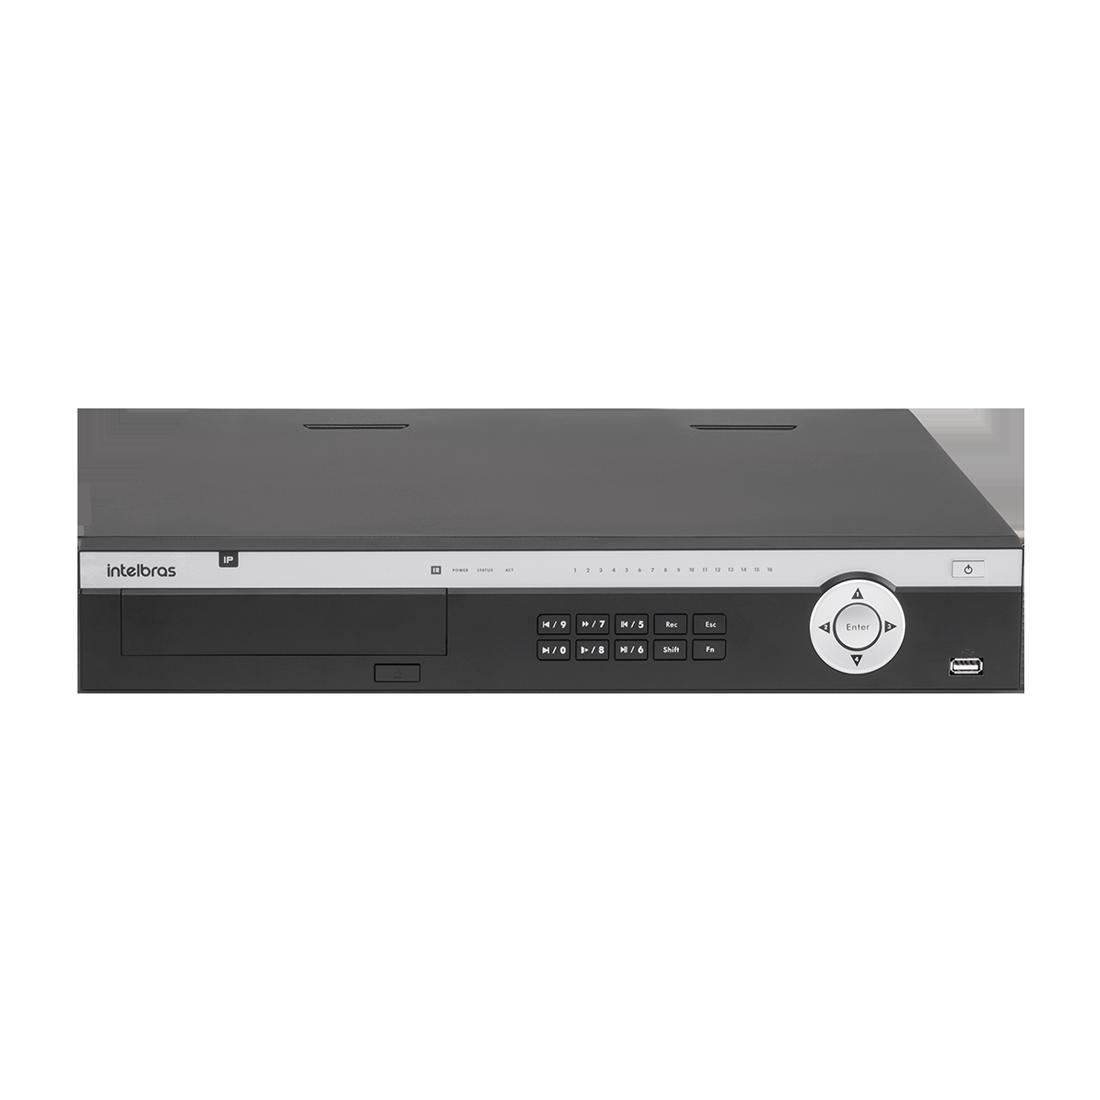 NVD 7132 C/ HD 6TB - GRAV. DIG. DE VÍDEO EM REDE PARA ATÉ 32 CANAIS IP EM FULL HD @ 30 FPS, INTELIGÊNCIA DE VIDEO EM TODOS OS CANAIS, H.265, SUPORTE PARA 8HDS E SUPORTA CÂMERAS COM RESOLUÇÃO 4K - PROD  - Sandercomp Virtual